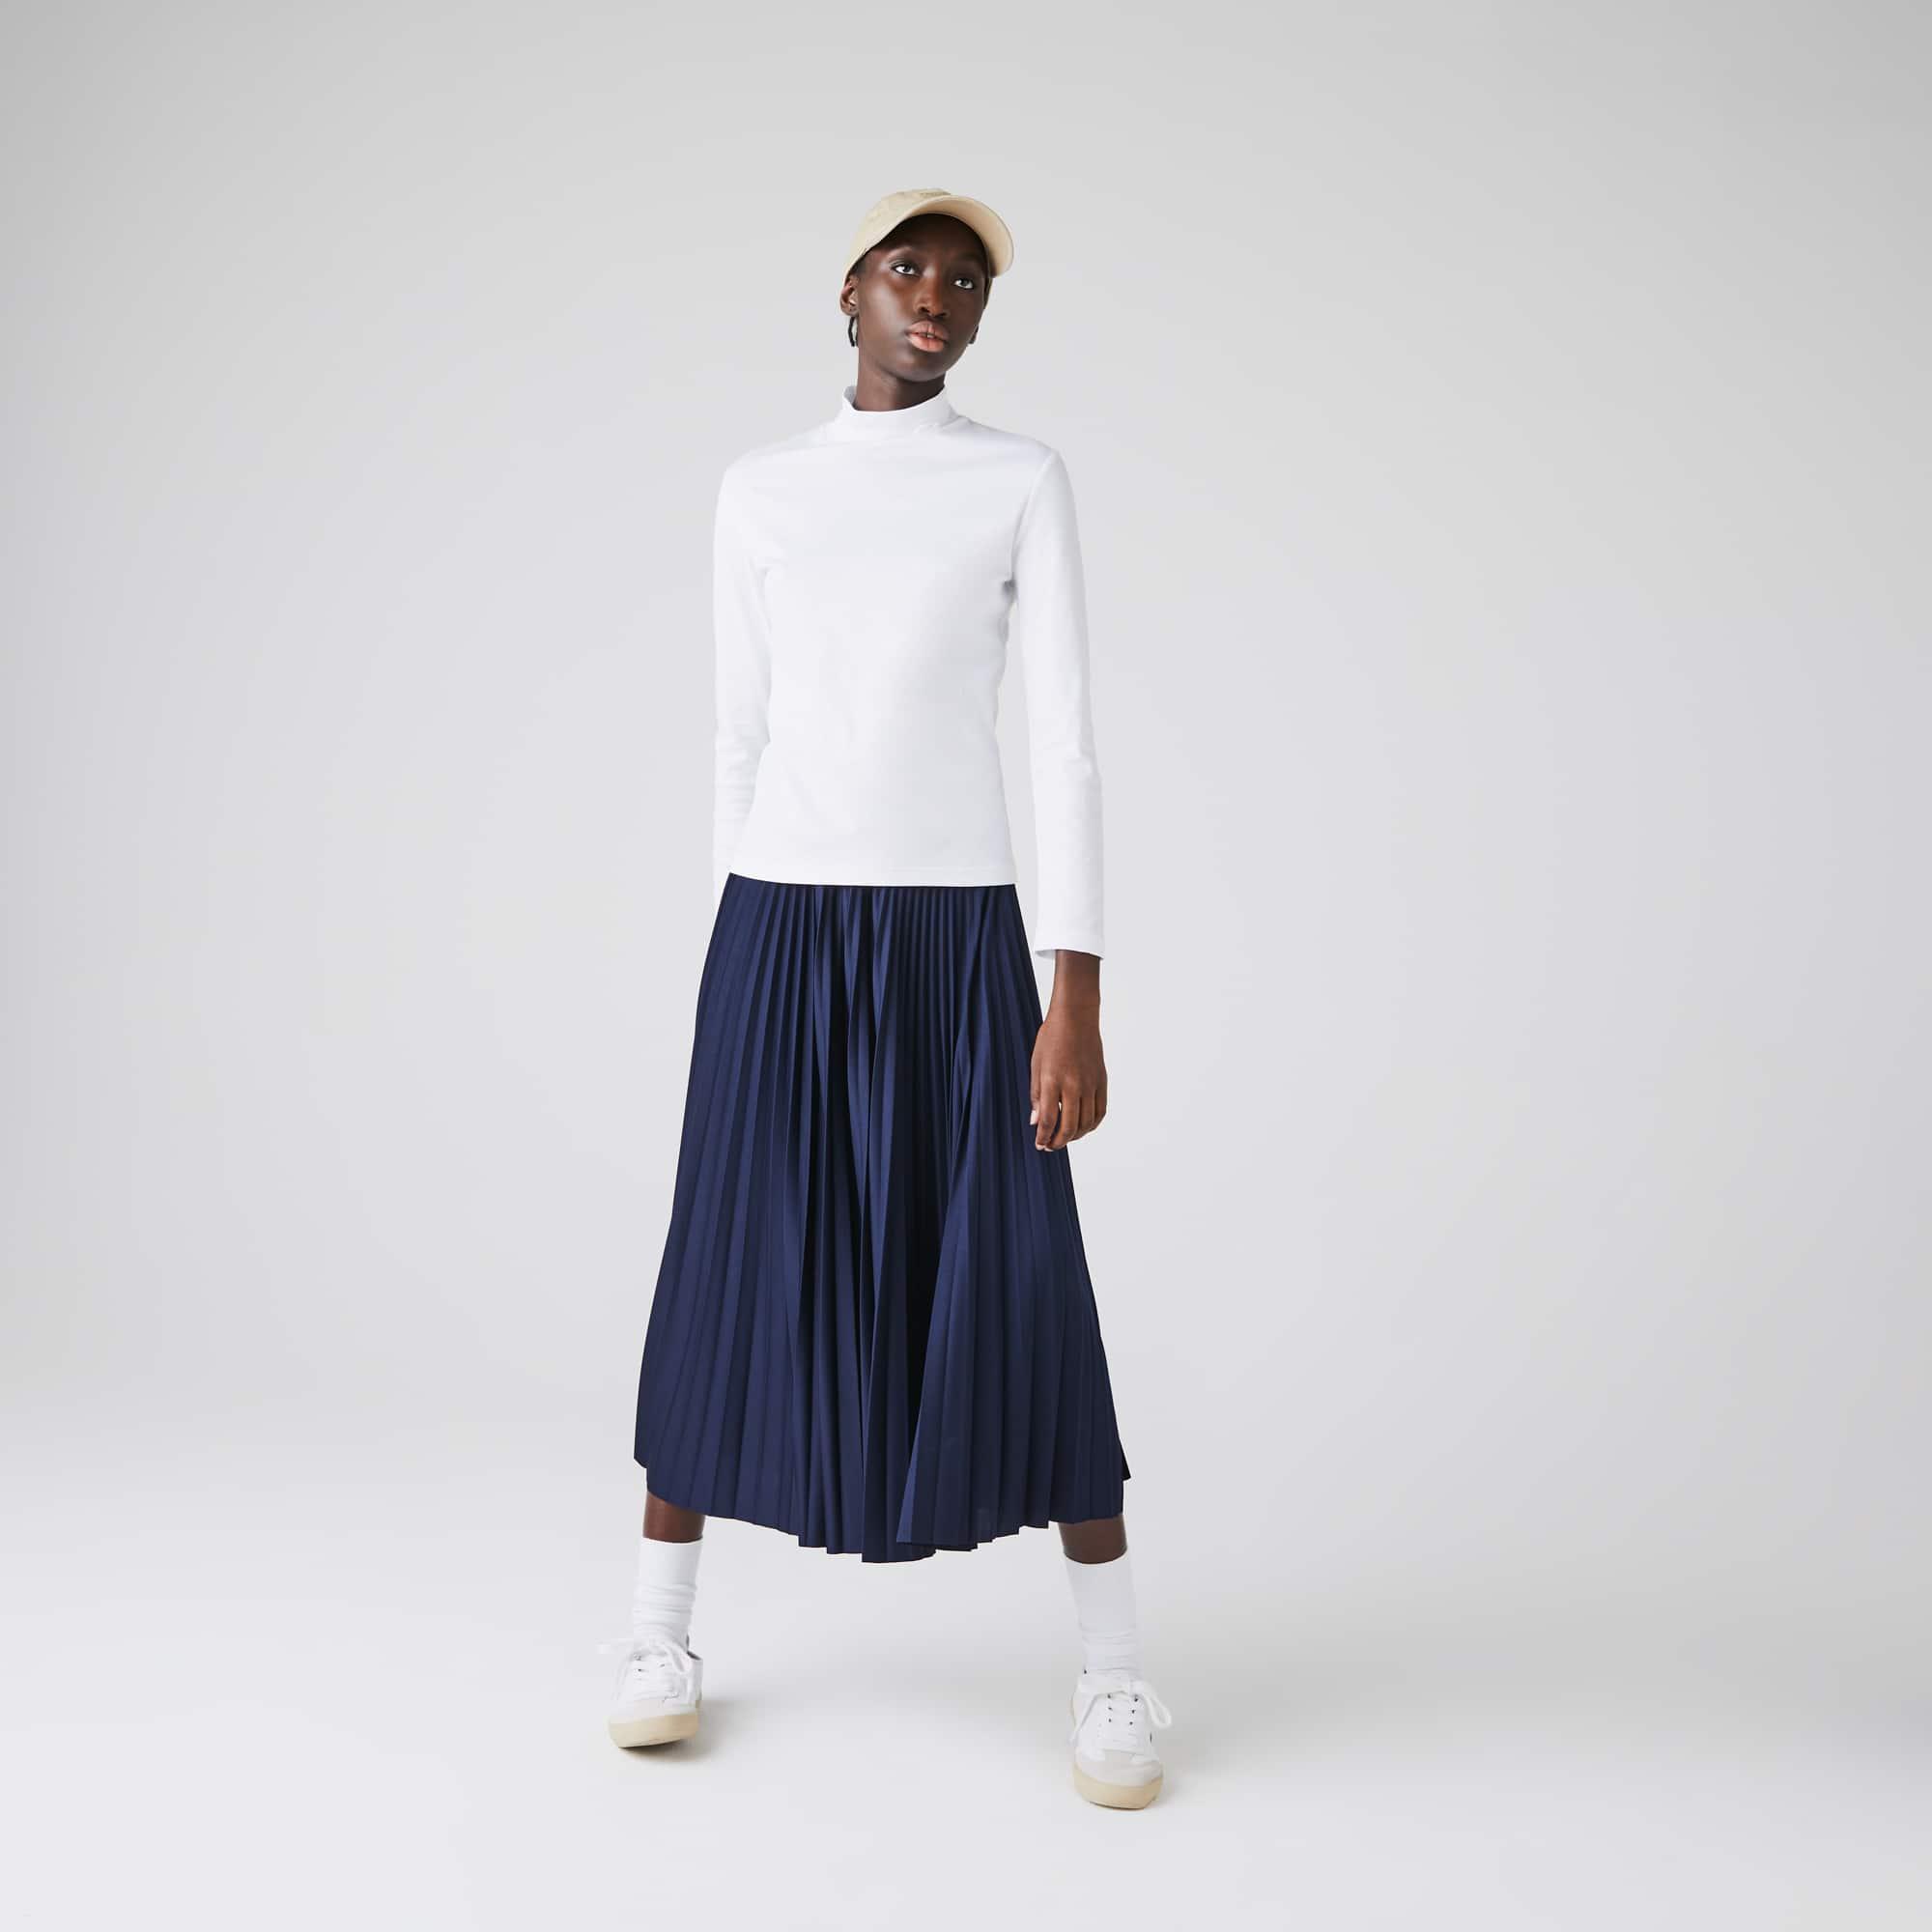 Lacoste Womens Cotton Turtleneck